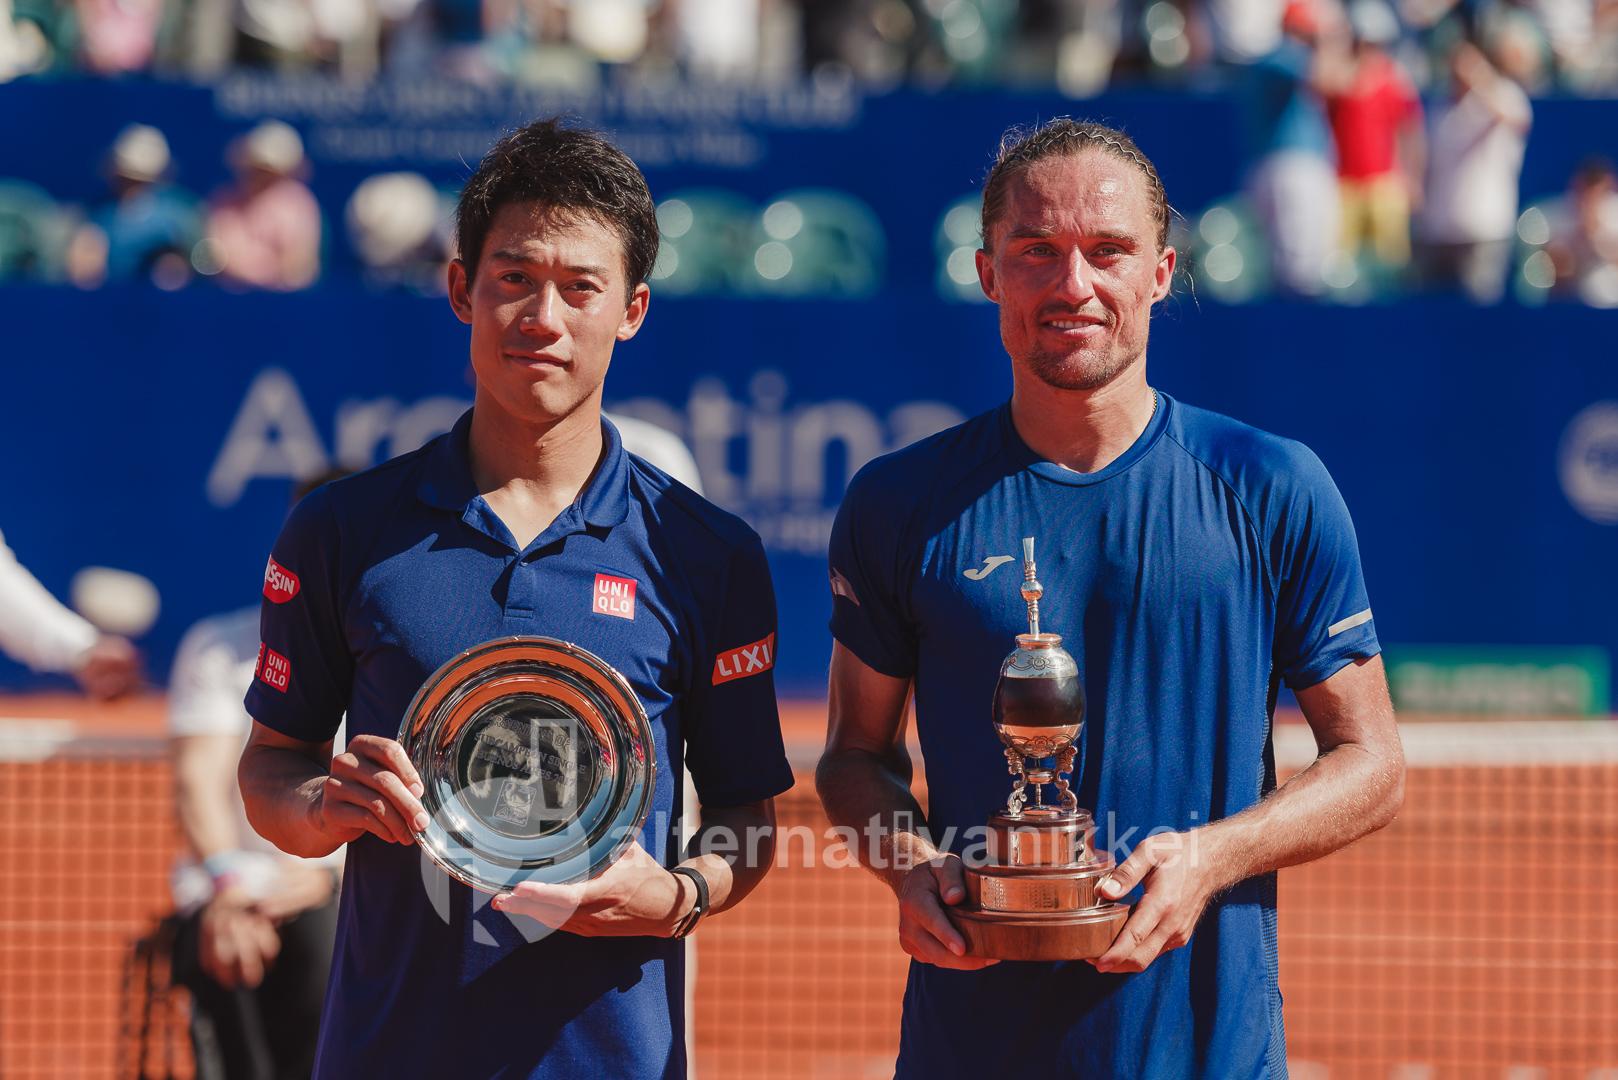 Nishikori con el trofeo de subcampeón y Dolgopolov con la copa de campeón / Foto: Jason Kung Web de Jason Kung: http://jasonkphoto.com/web/ FB Page: https://www.facebook.com/jasonkphotostudio/